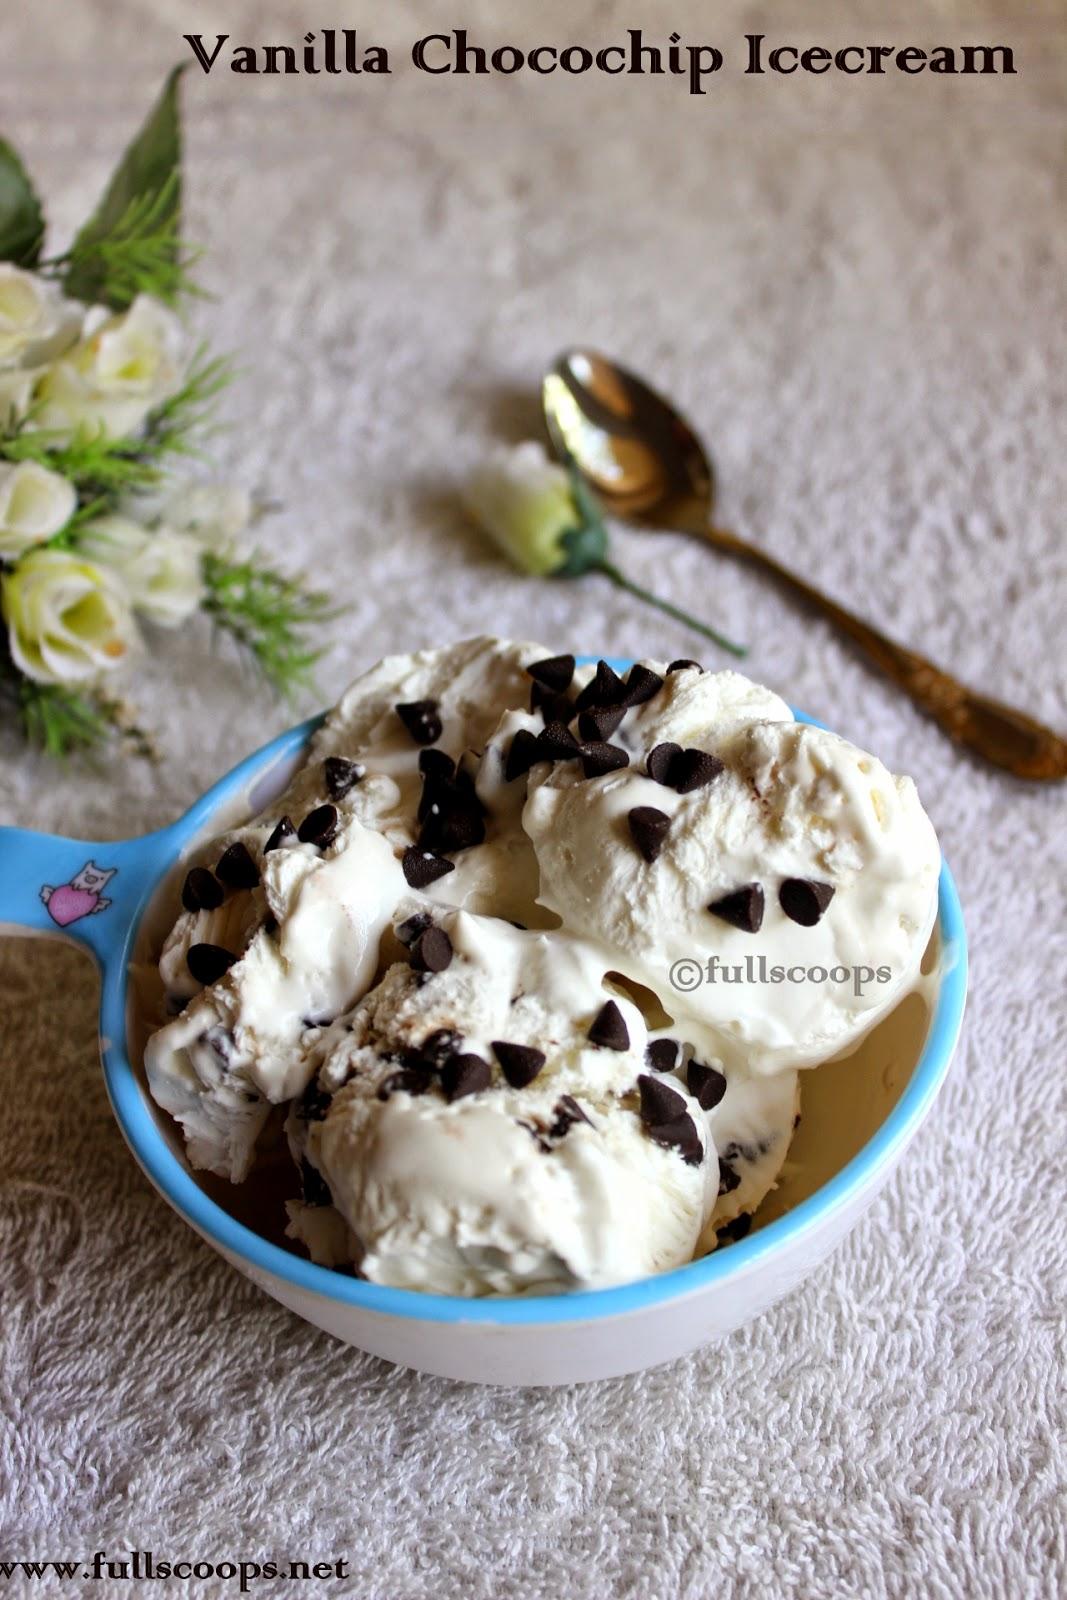 best vanilla ice cream| vanilla ice cream| home made vanilla ice cream| recipes for ice cream| ice cream desserts|home made ice cream recipe| home made ice cream recipes| ice cream dessert recipes| home made ice cream| easy ice cream desserts|